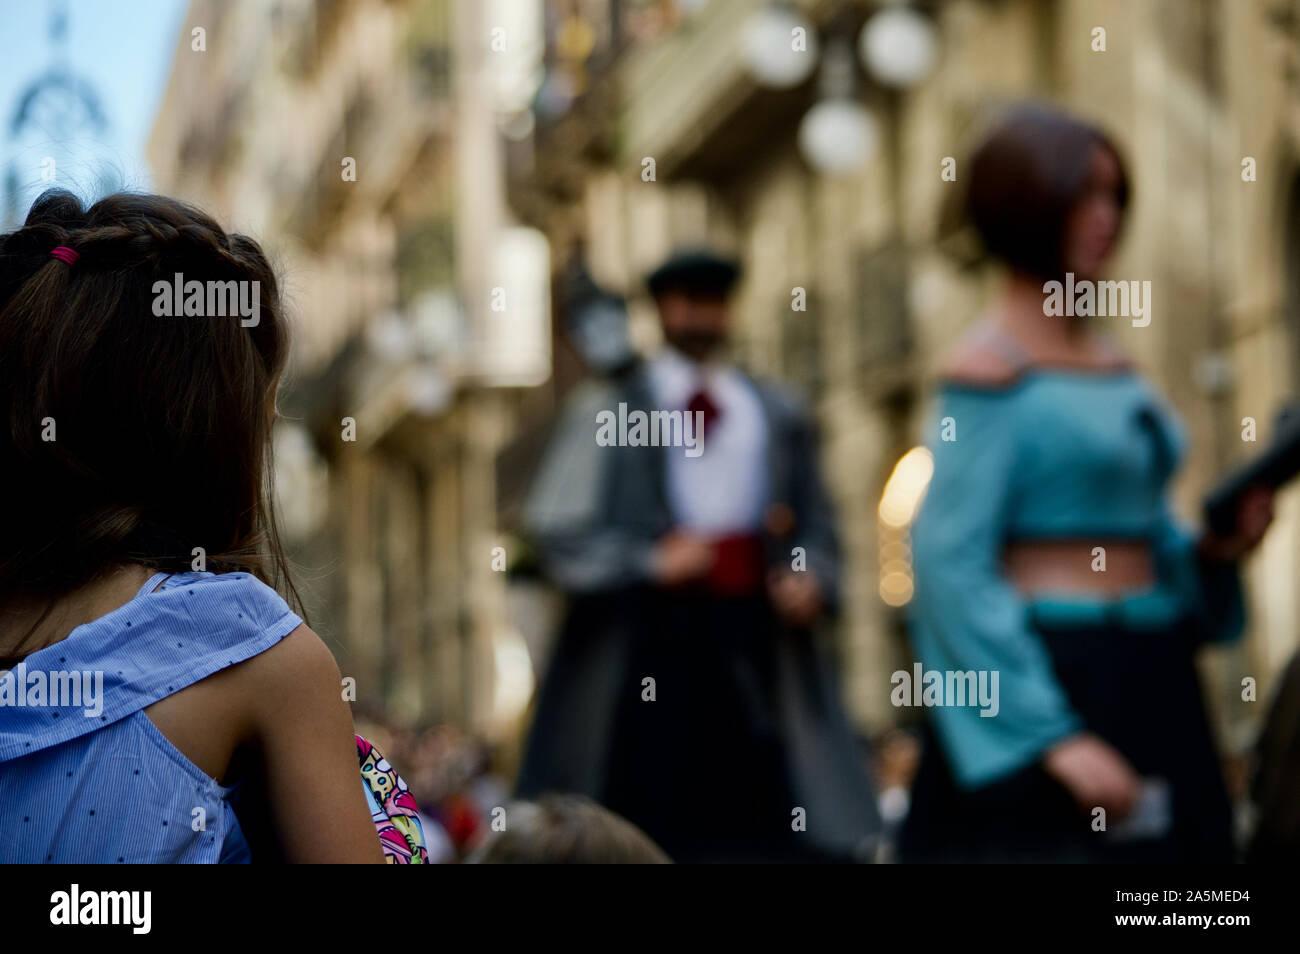 Una chica viendo el desfile de gigantes durante la Merce Festival 2019 en la Plaça de Sant Jaume, en Barcelona, España Foto de stock